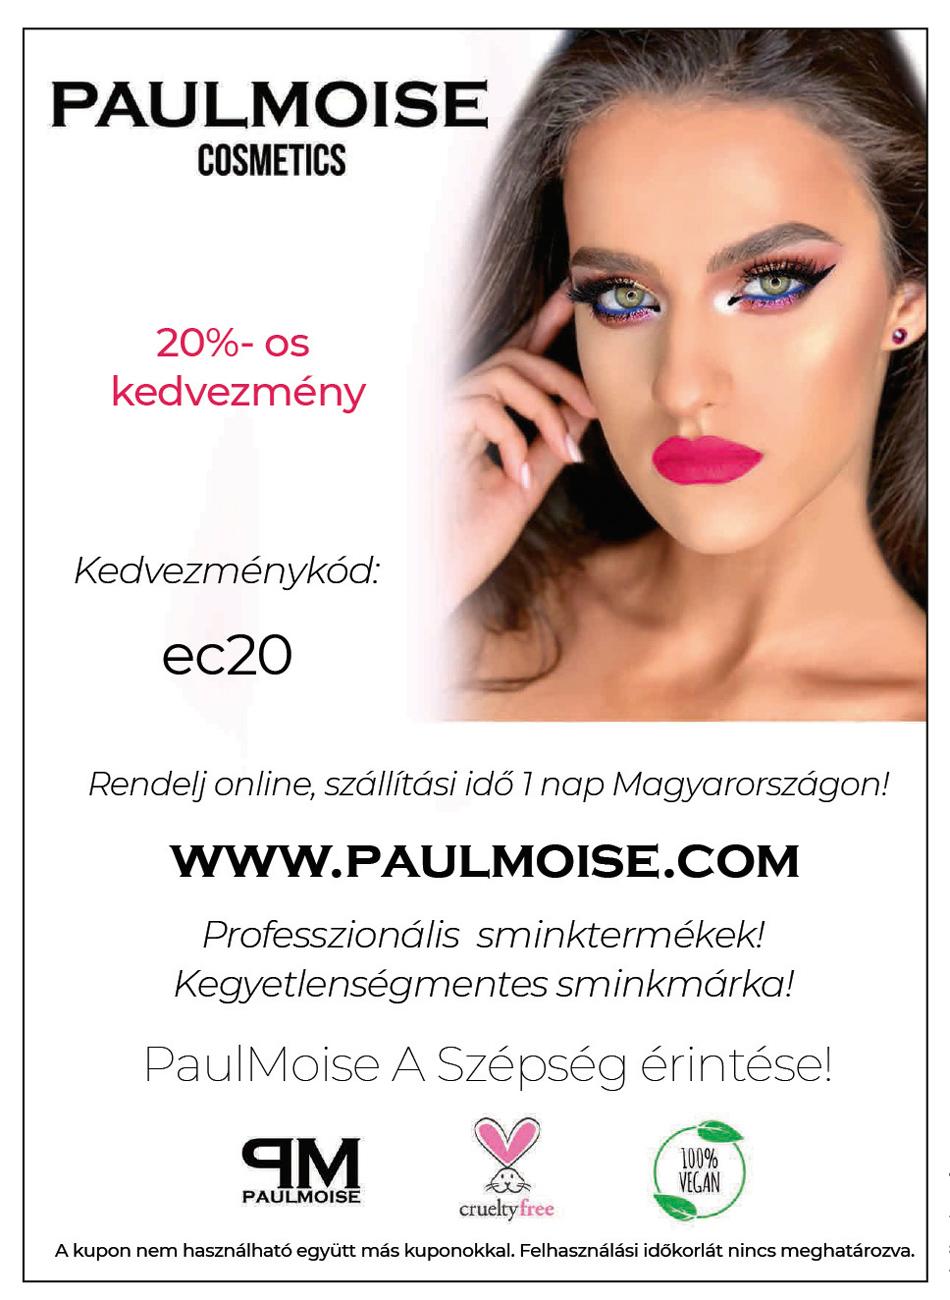 , A női szépség forradalma – A PaulMoise Cosmetics felszínre hozza a benned szunnyadó dívát akár esküvőre, akár nászútra készülsz